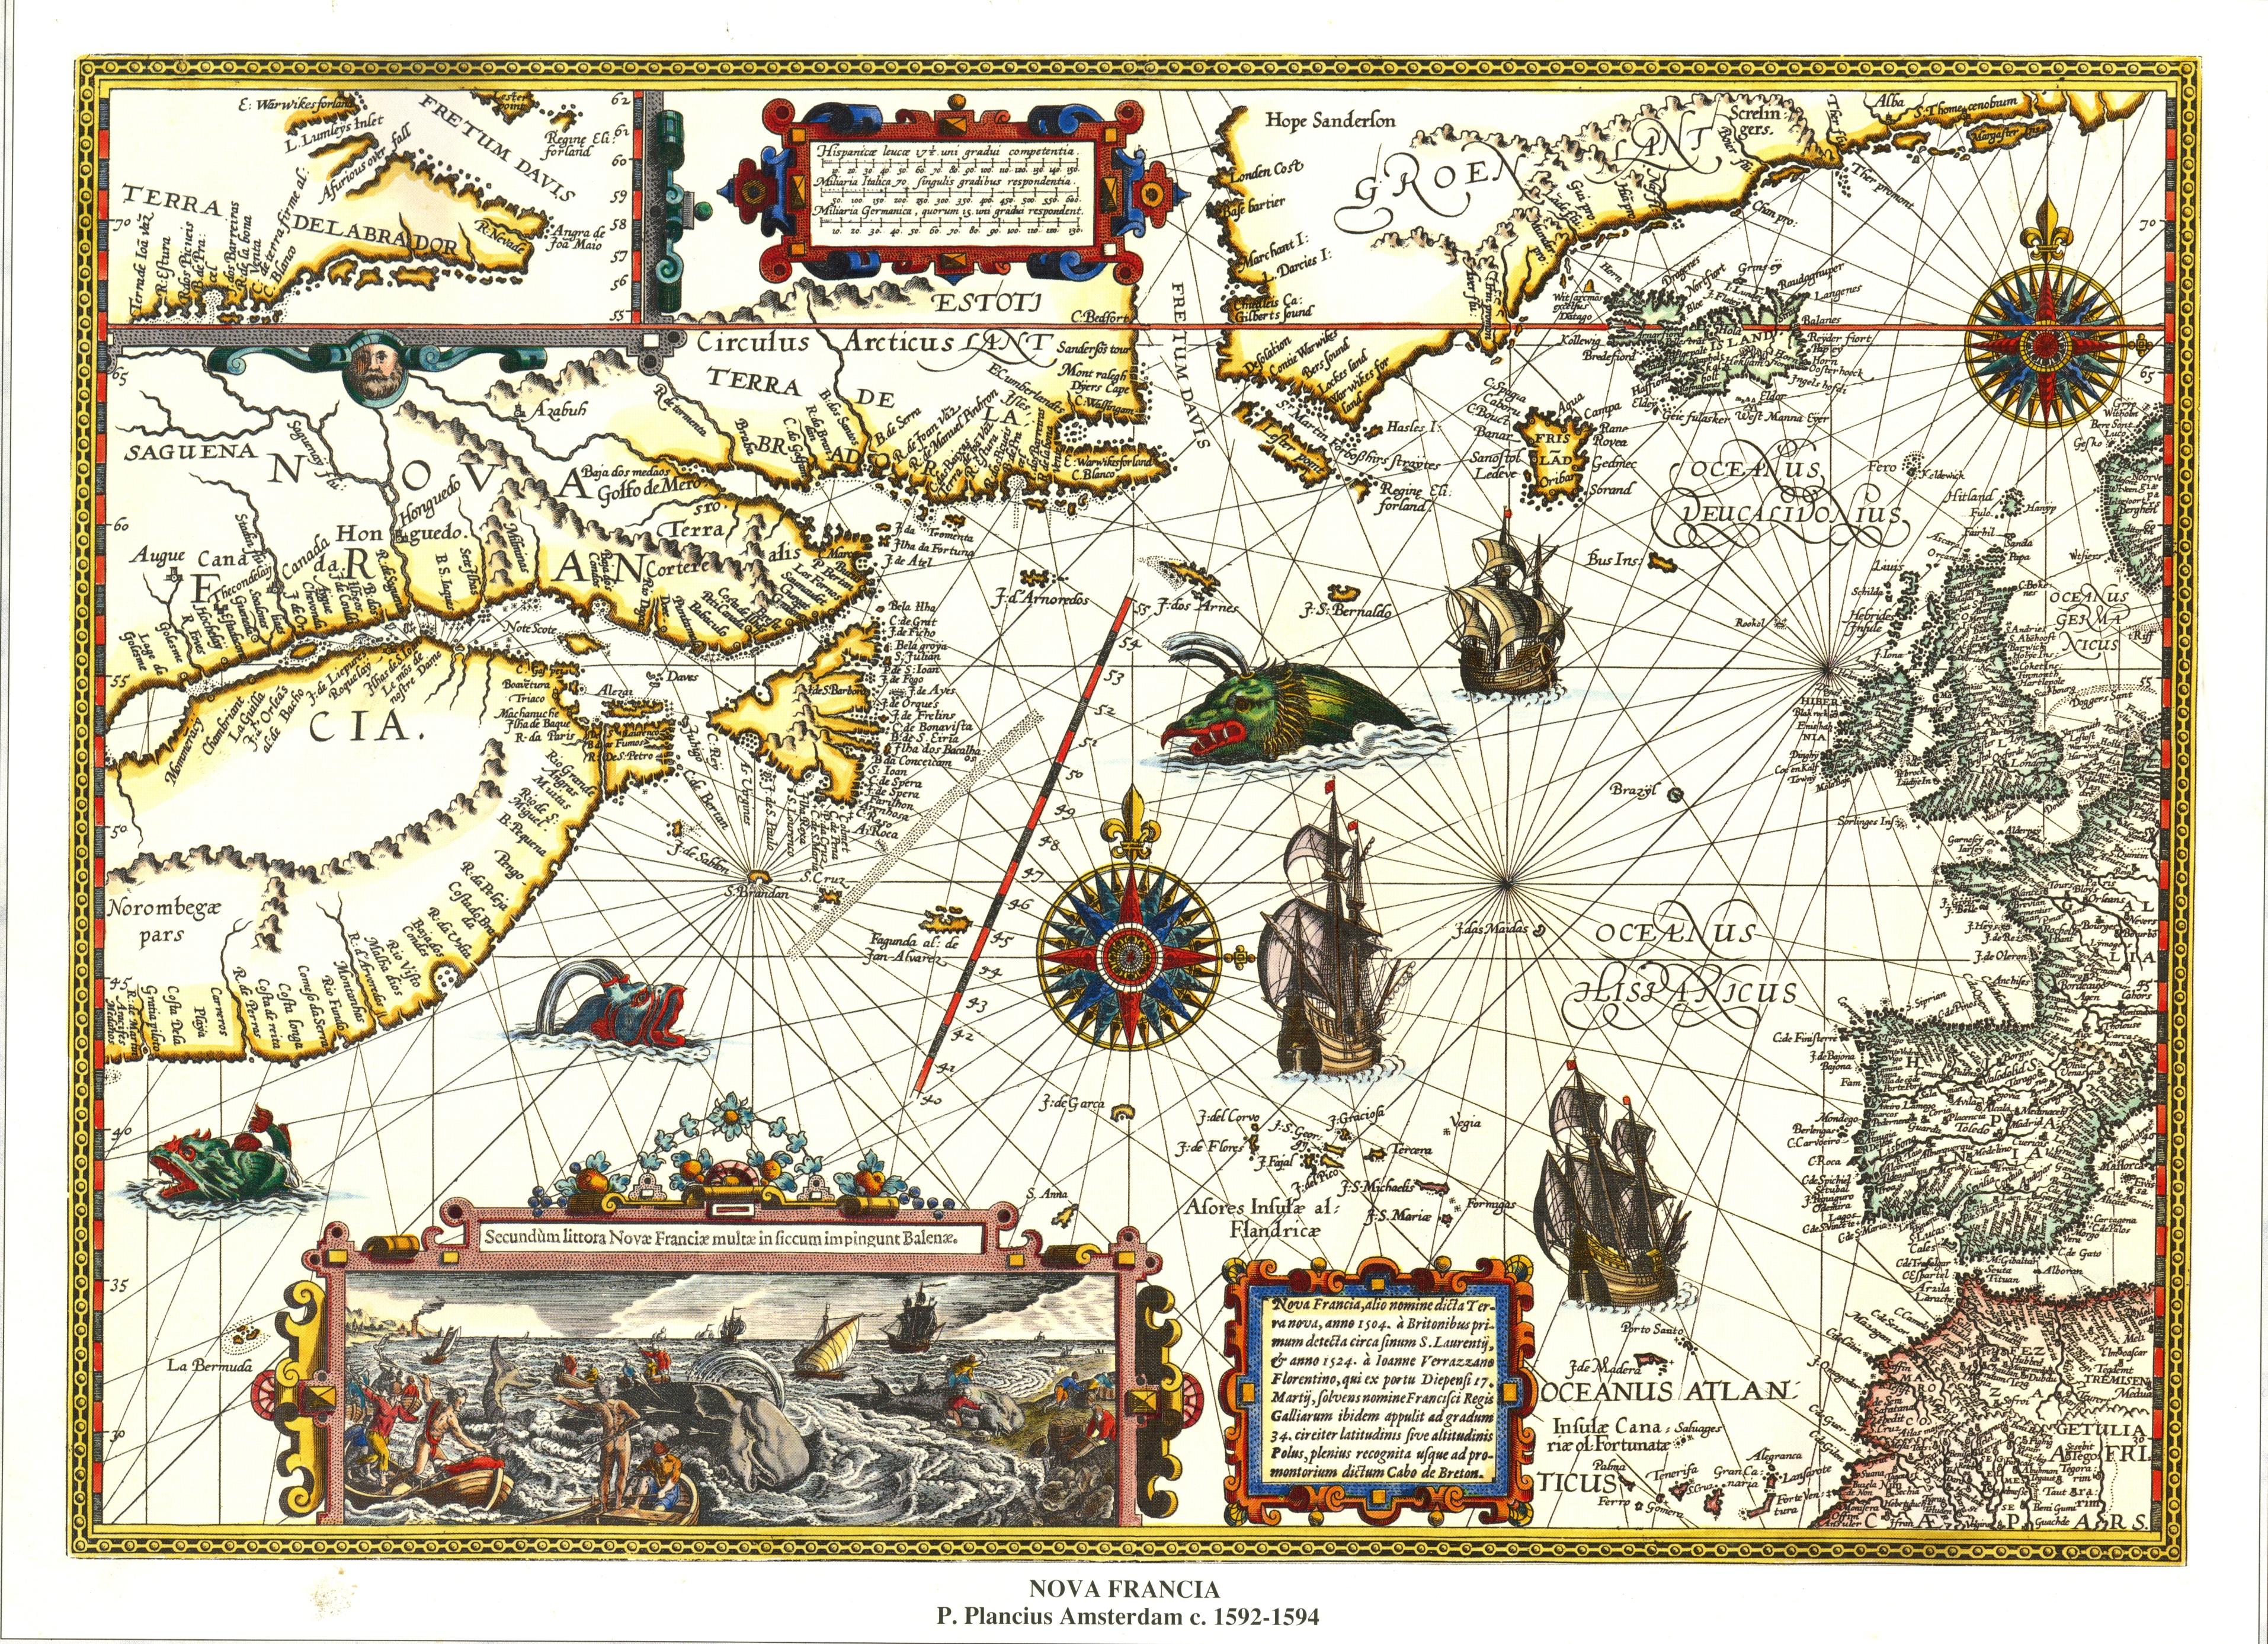 File:Mapa de la Nueva Francia (Cánada) 1594 - AHG.jpg